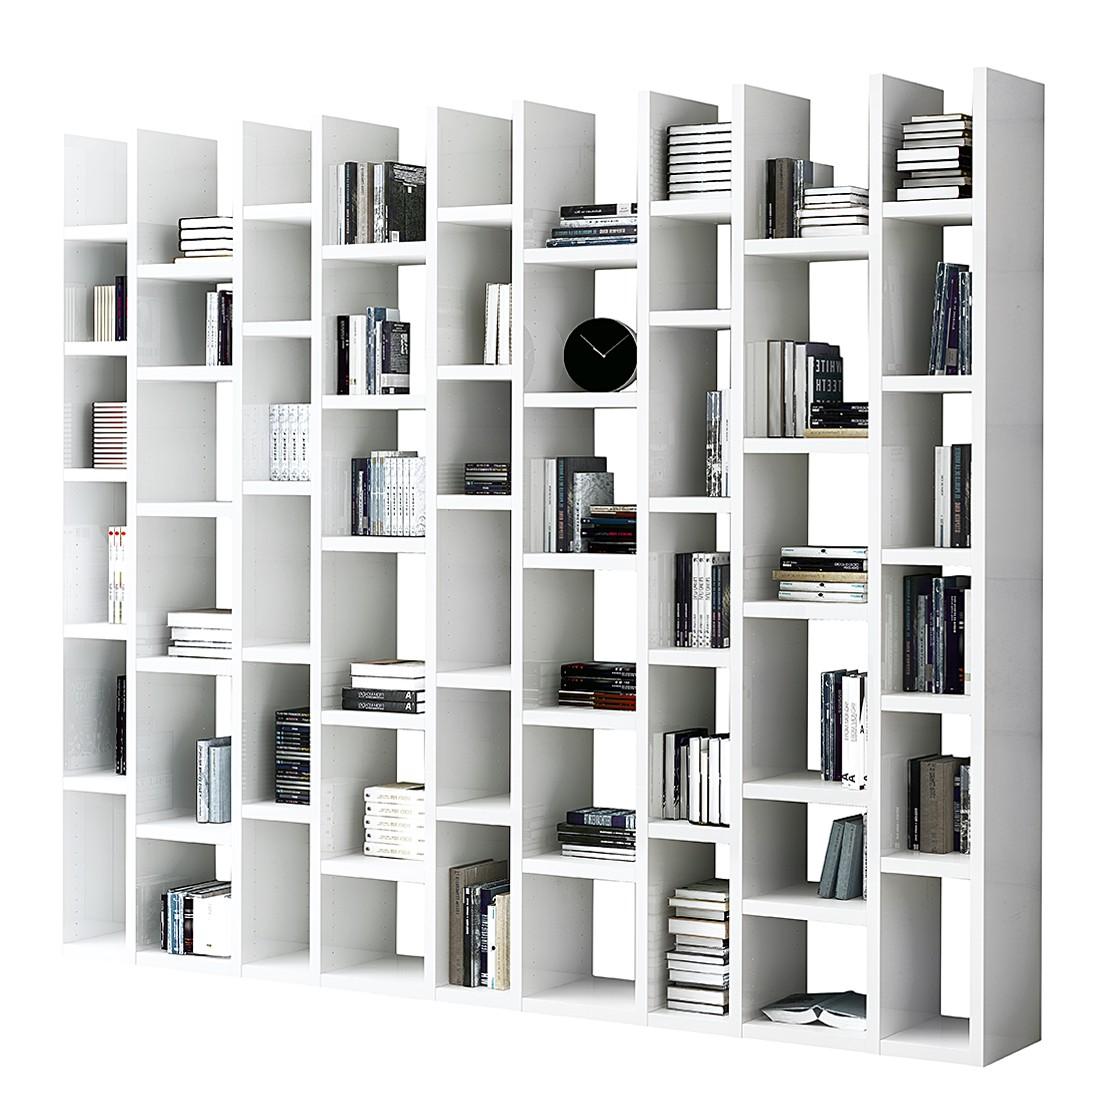 Bücherregal Emporior III – Hochglanz Weiß, loftscape online kaufen